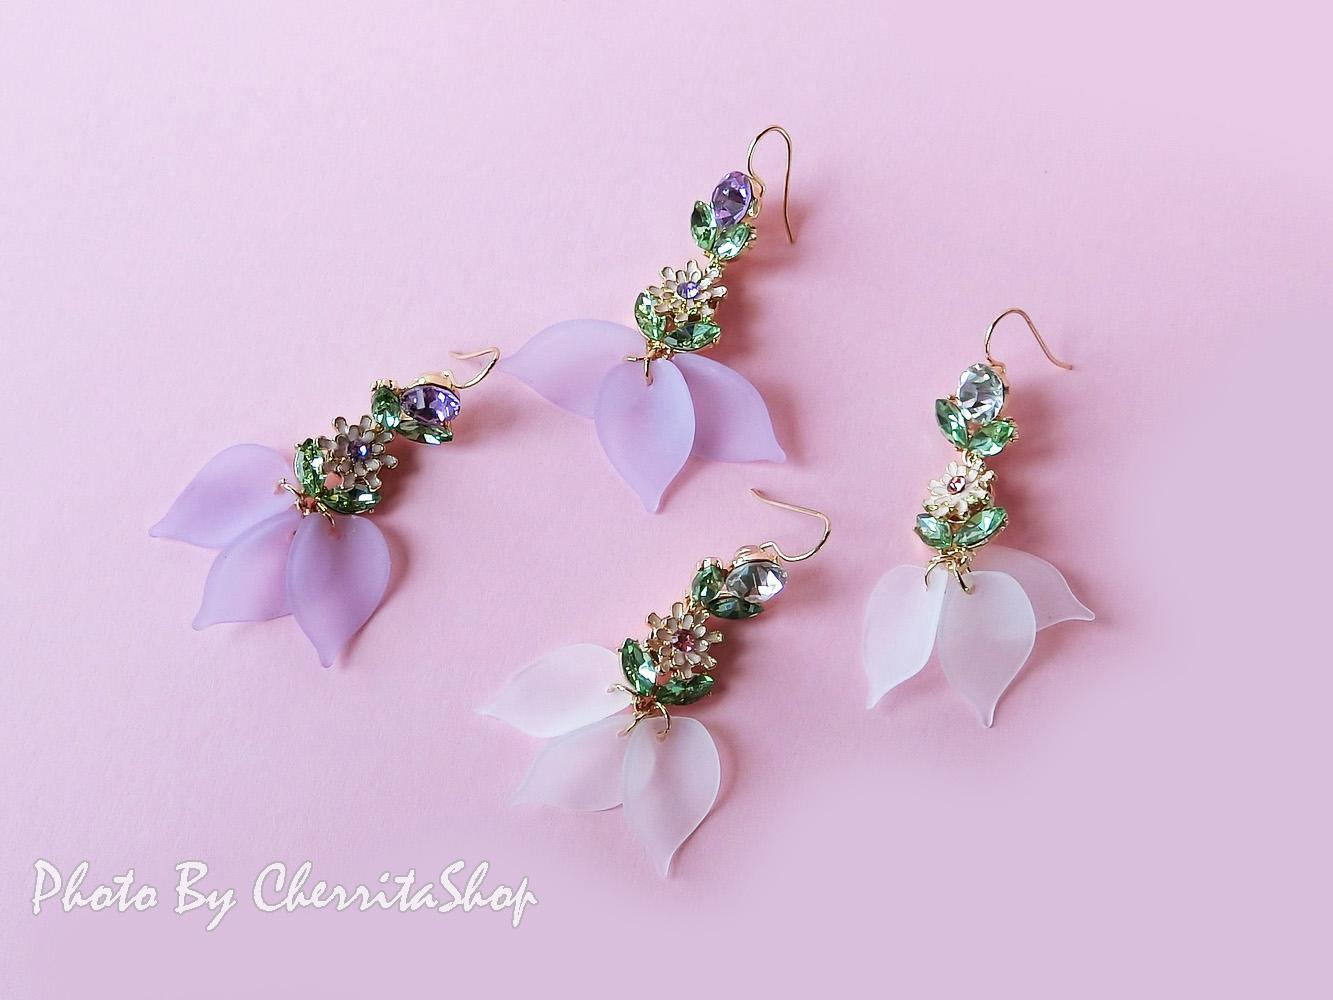 เลือกสีด้านในค่ะ ต่างหูเกาหลี ต่างหู Pastel Flower Korea ER63141